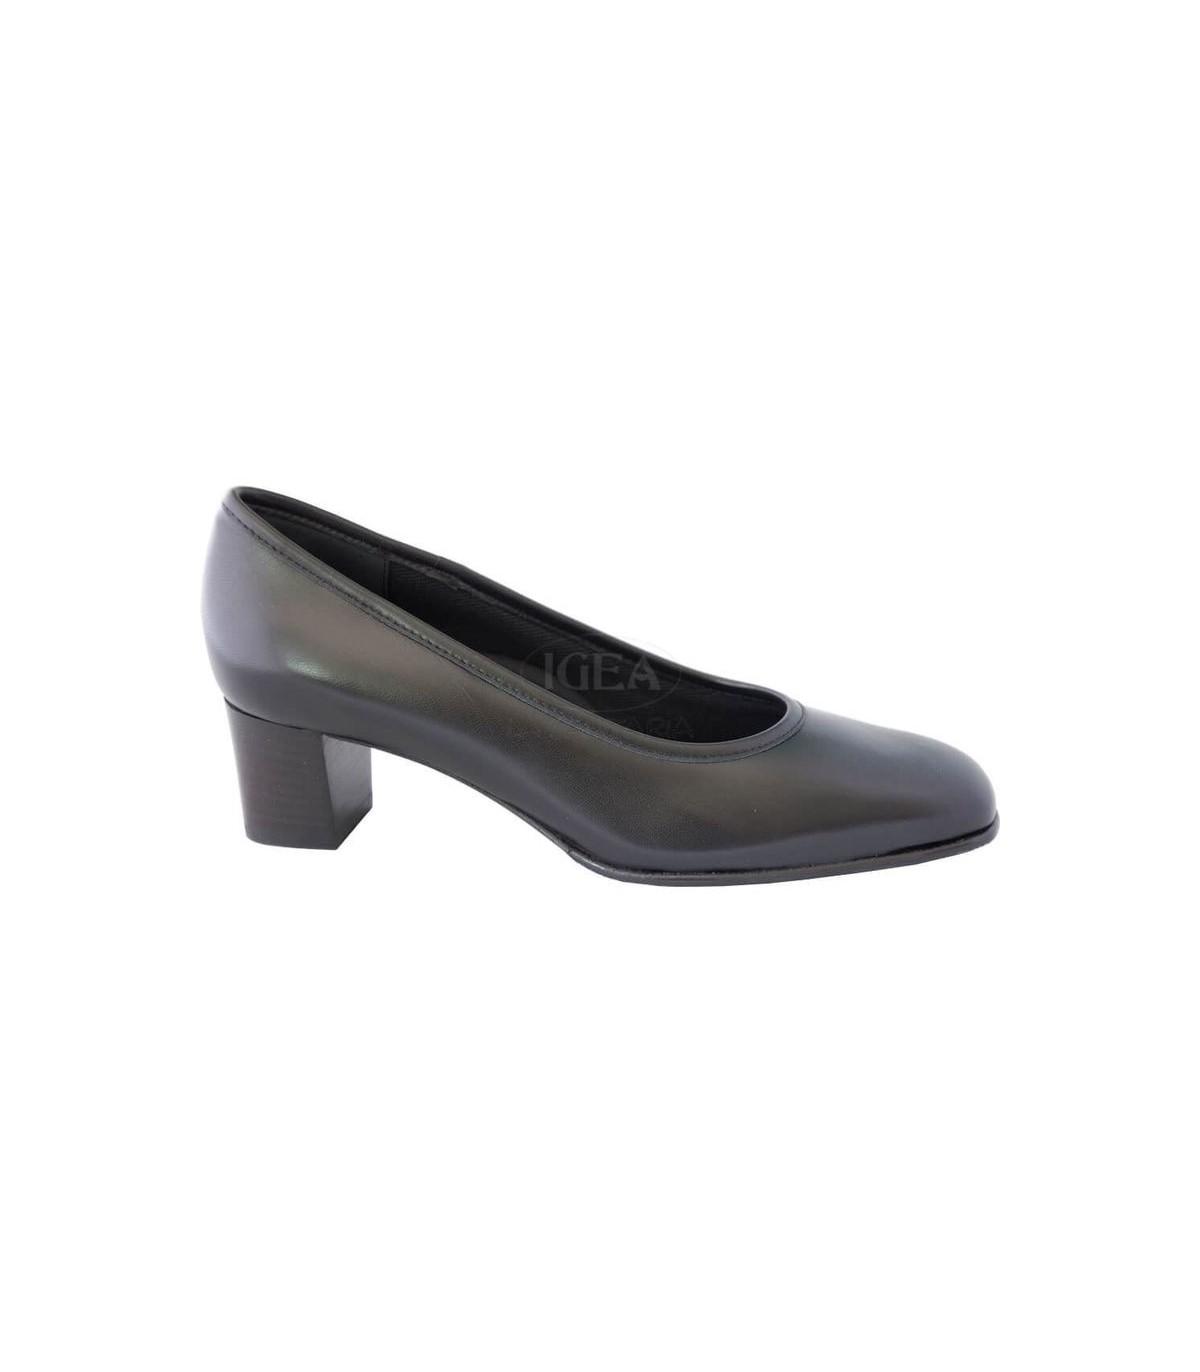 best sneakers a6787 ad144 Valleverde scarpe décolleté donna V620